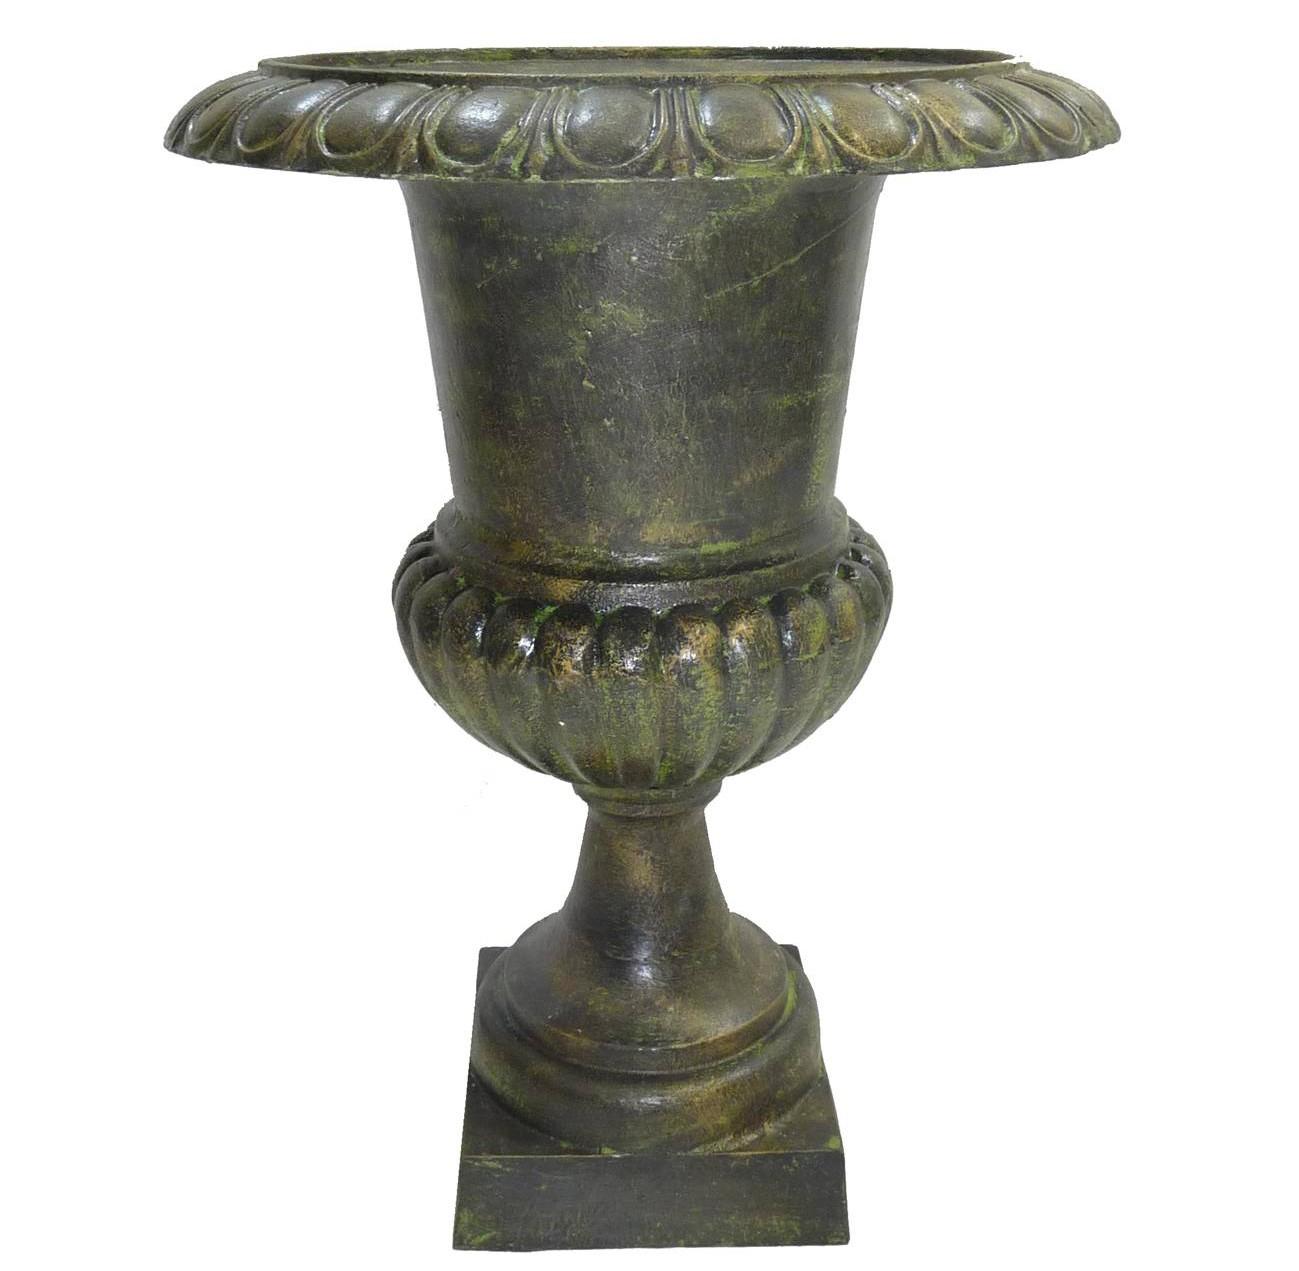 Grand Vase Xxl Vasque Jardiniere En Fonte Vert Anglais Style Medicis Pot De  Fleur 58X58X76Cm tout Pot En Fonte Pour Jardin